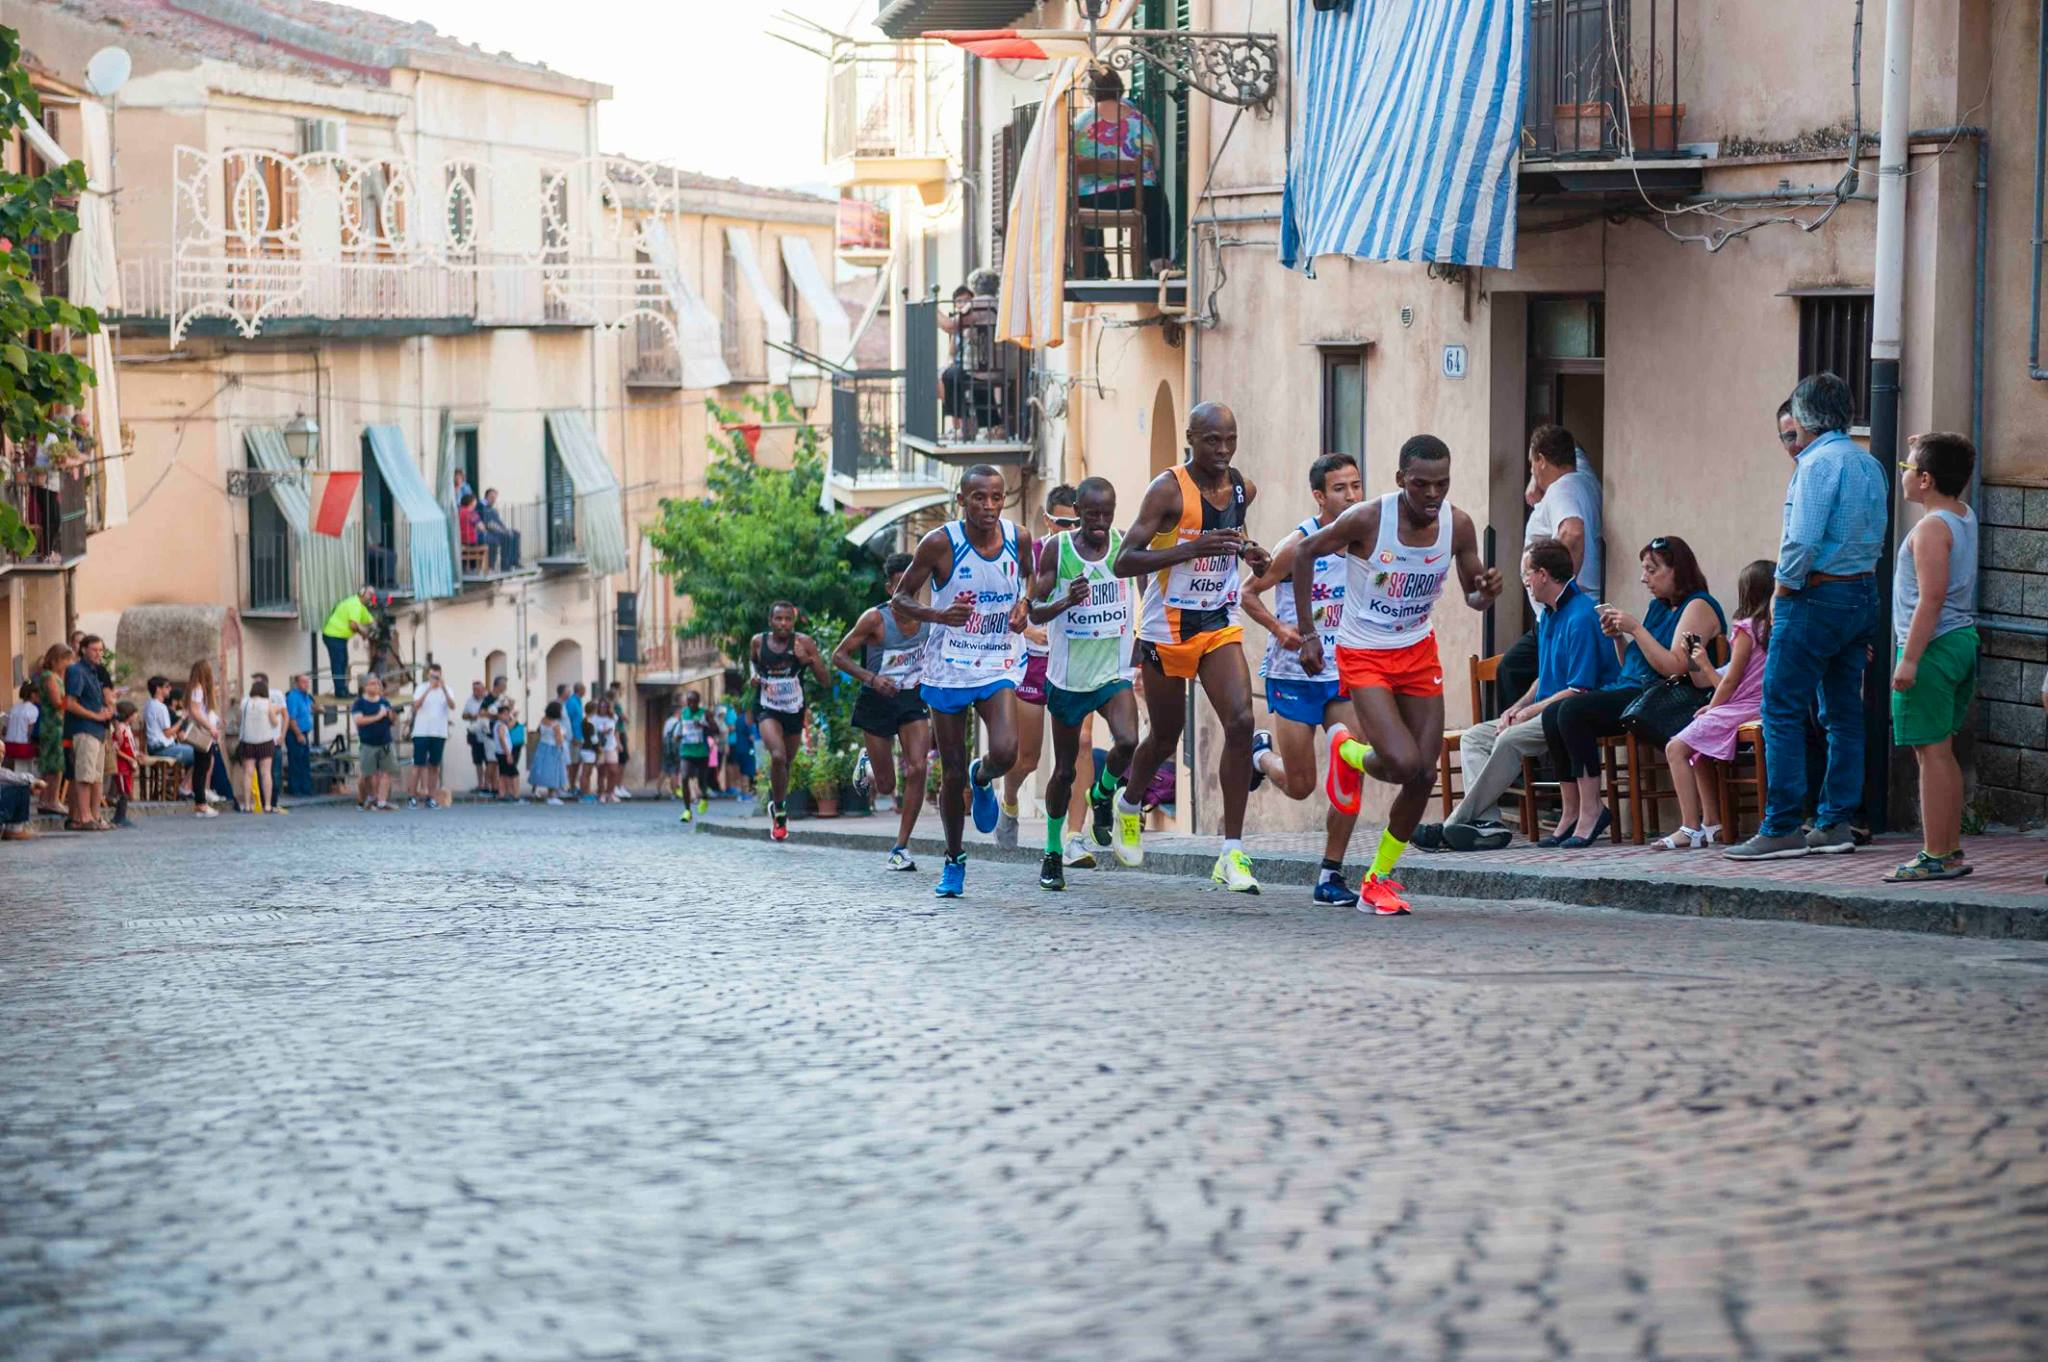 Parata di campioni al giro podistico di Castelbuono